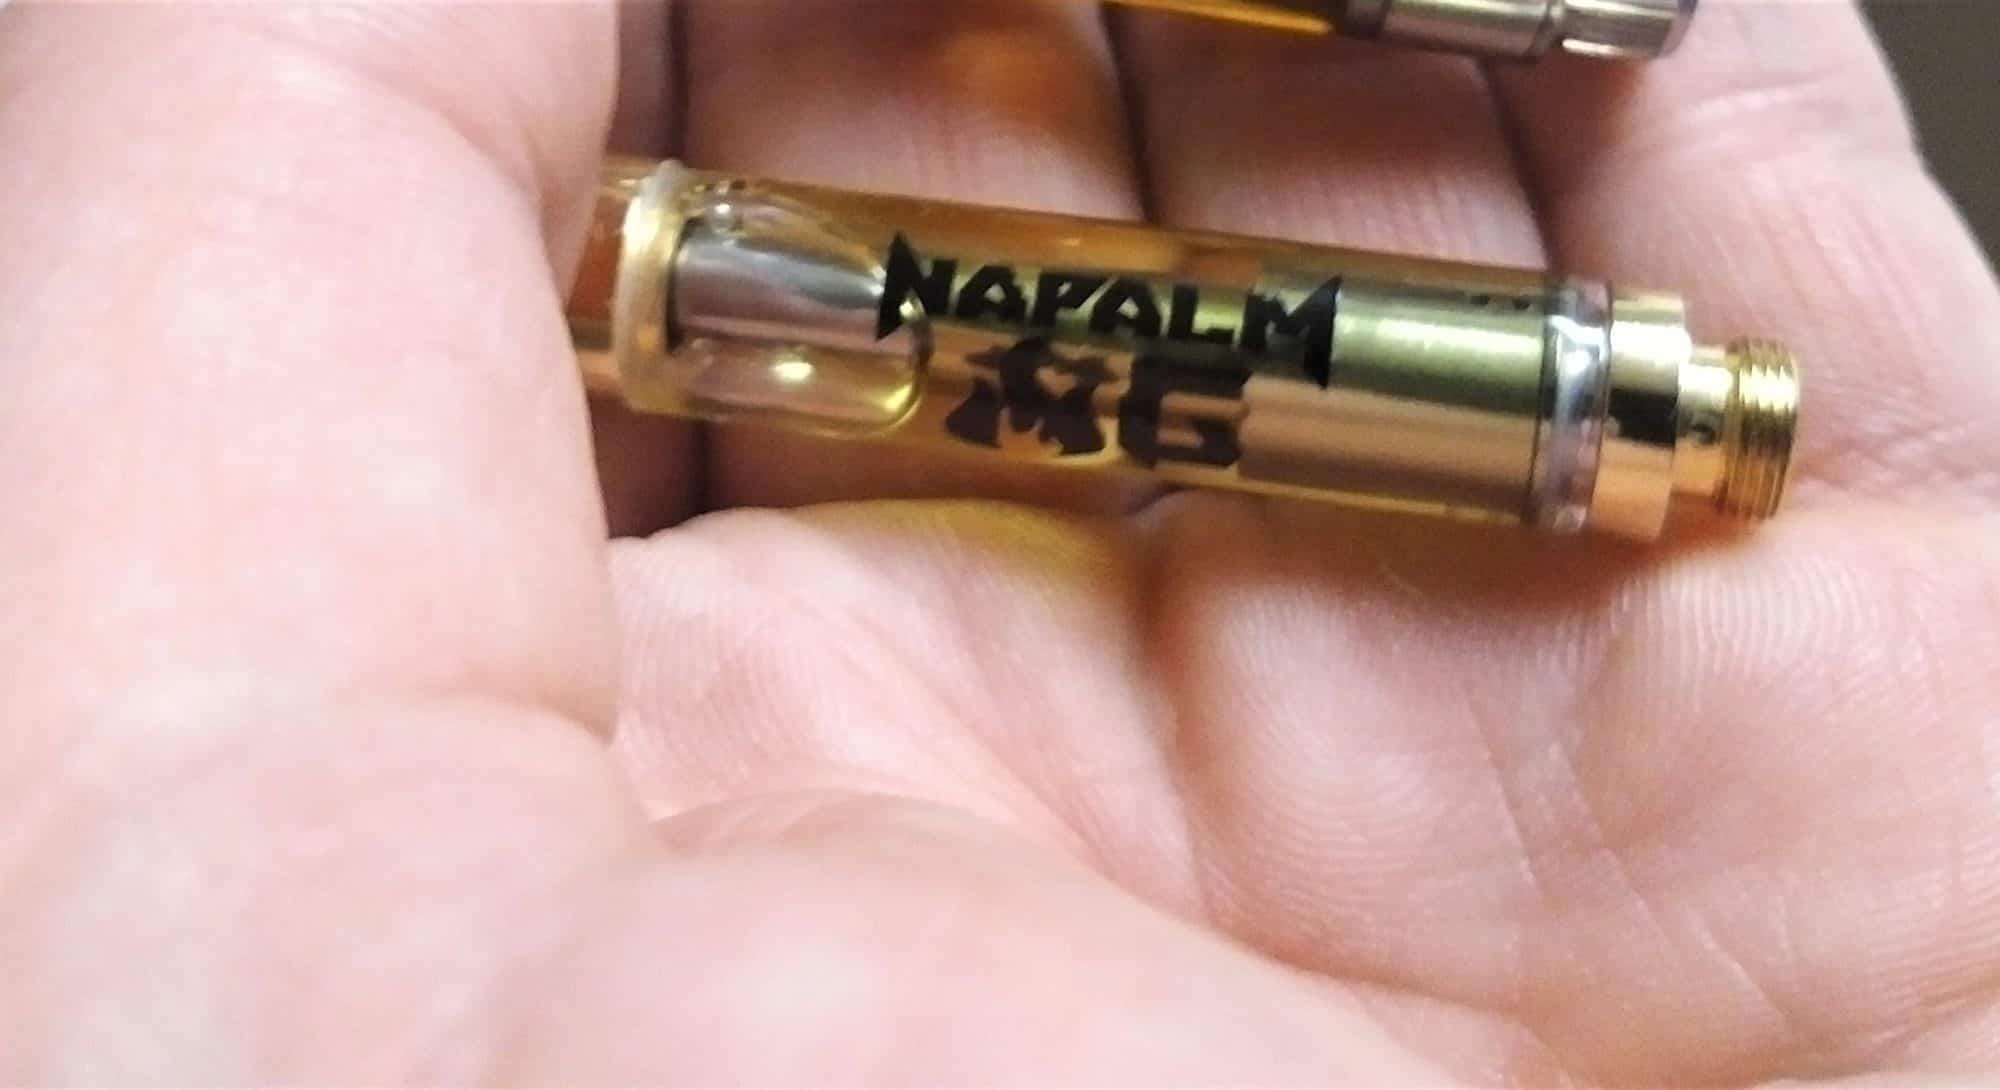 brass knuckles napalm og cannabis vape cartridge